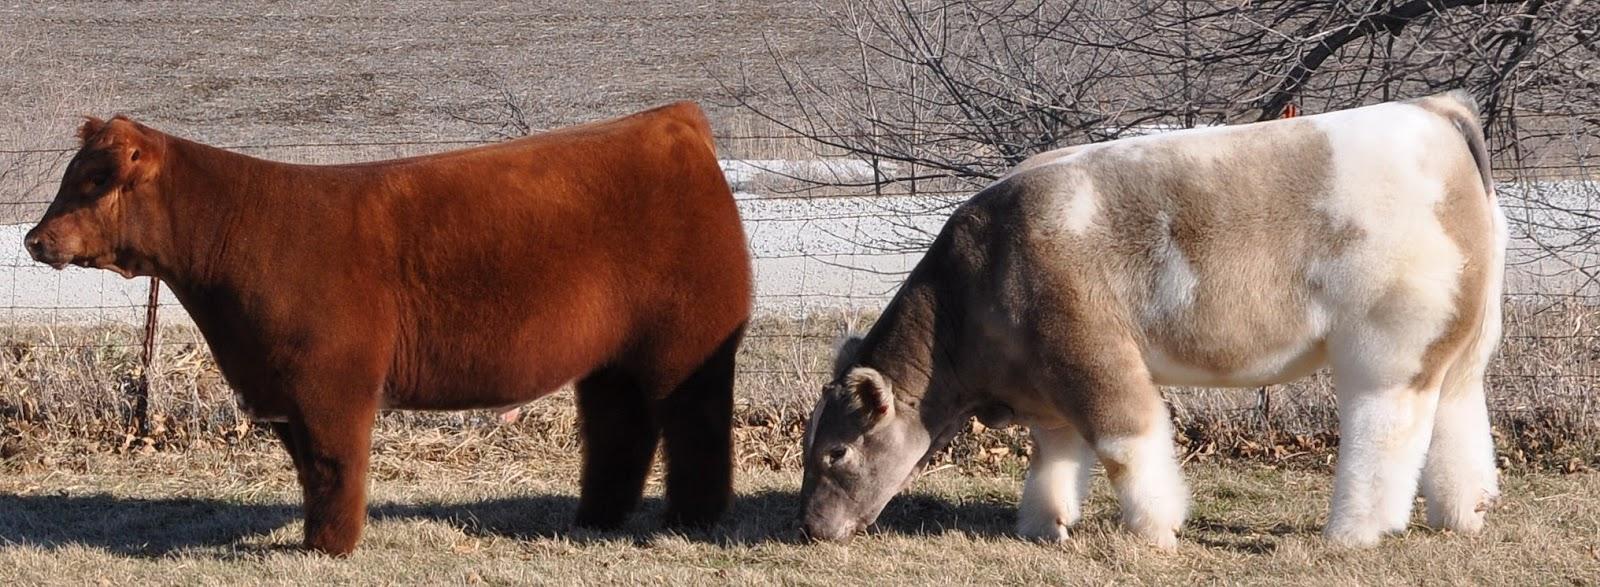 Мохнатые коровы гуляют